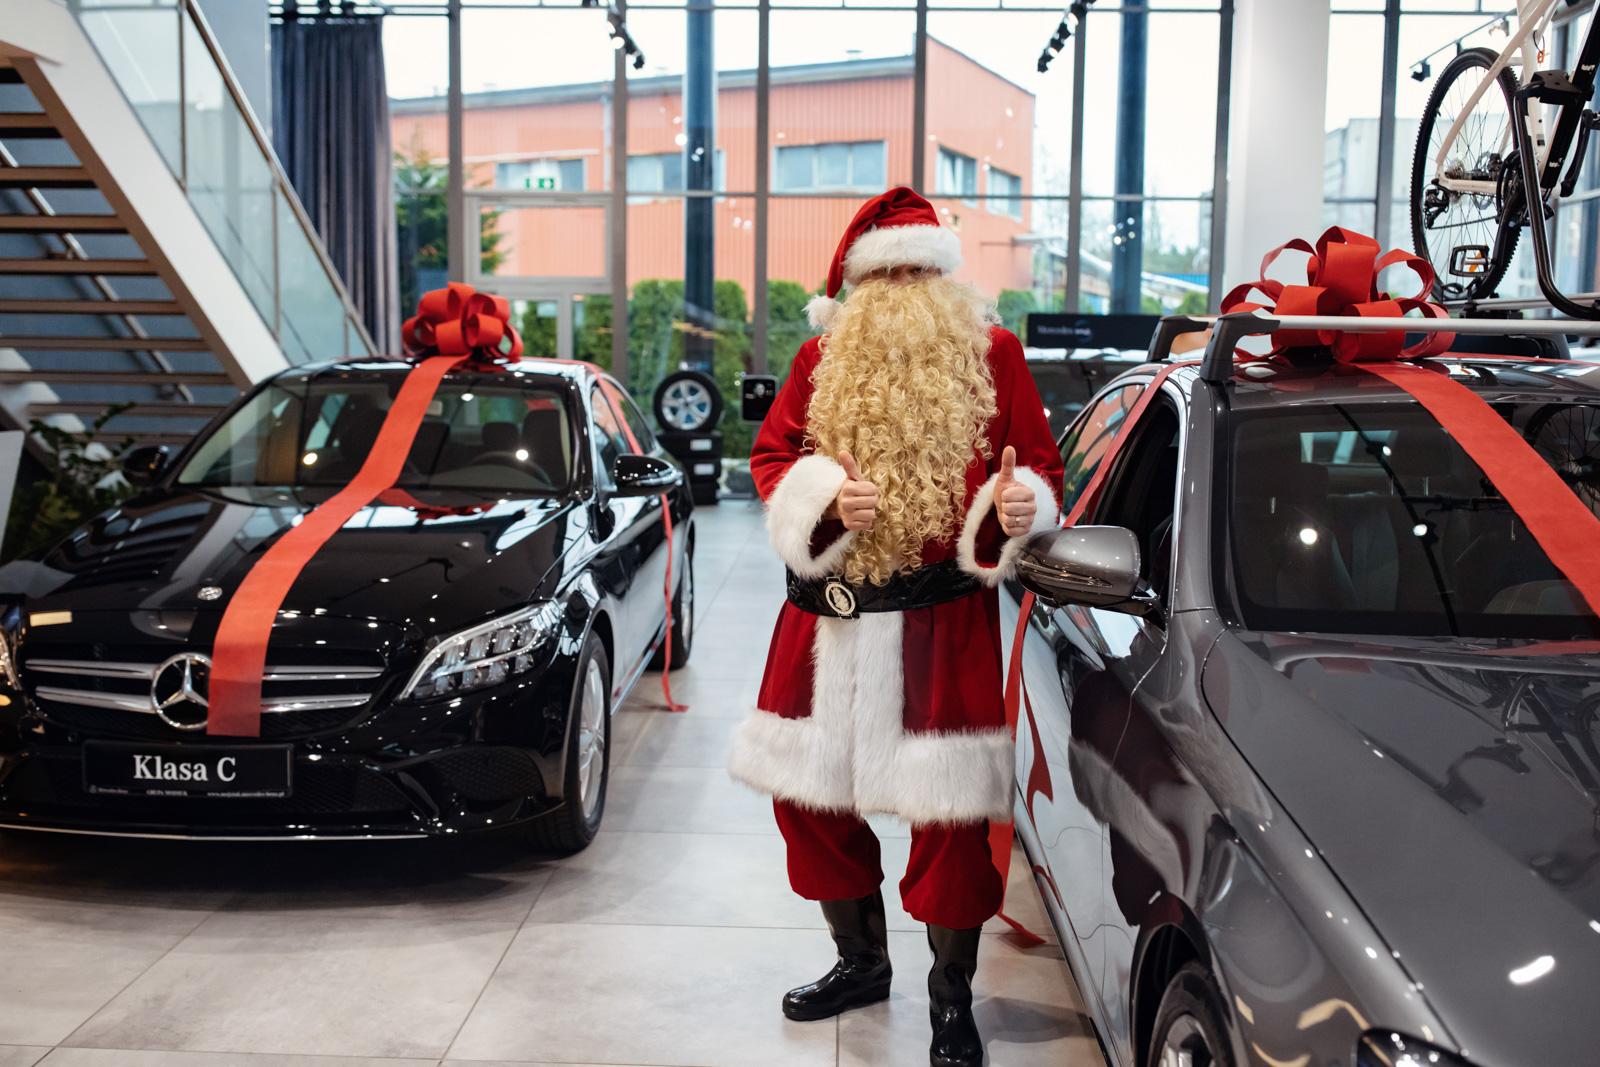 Przykładowo – za model Mercedes-Benz C 200 4M, miesięczna rata leasingowa w programie Lease&Drive 1% dla przedsiębiorców wynosi 2078 zł netto (przy wpłacie wstępnej 5% wartości, okresie leasingu 36 m-cy i przebiegu rocznym 25 tys. km).